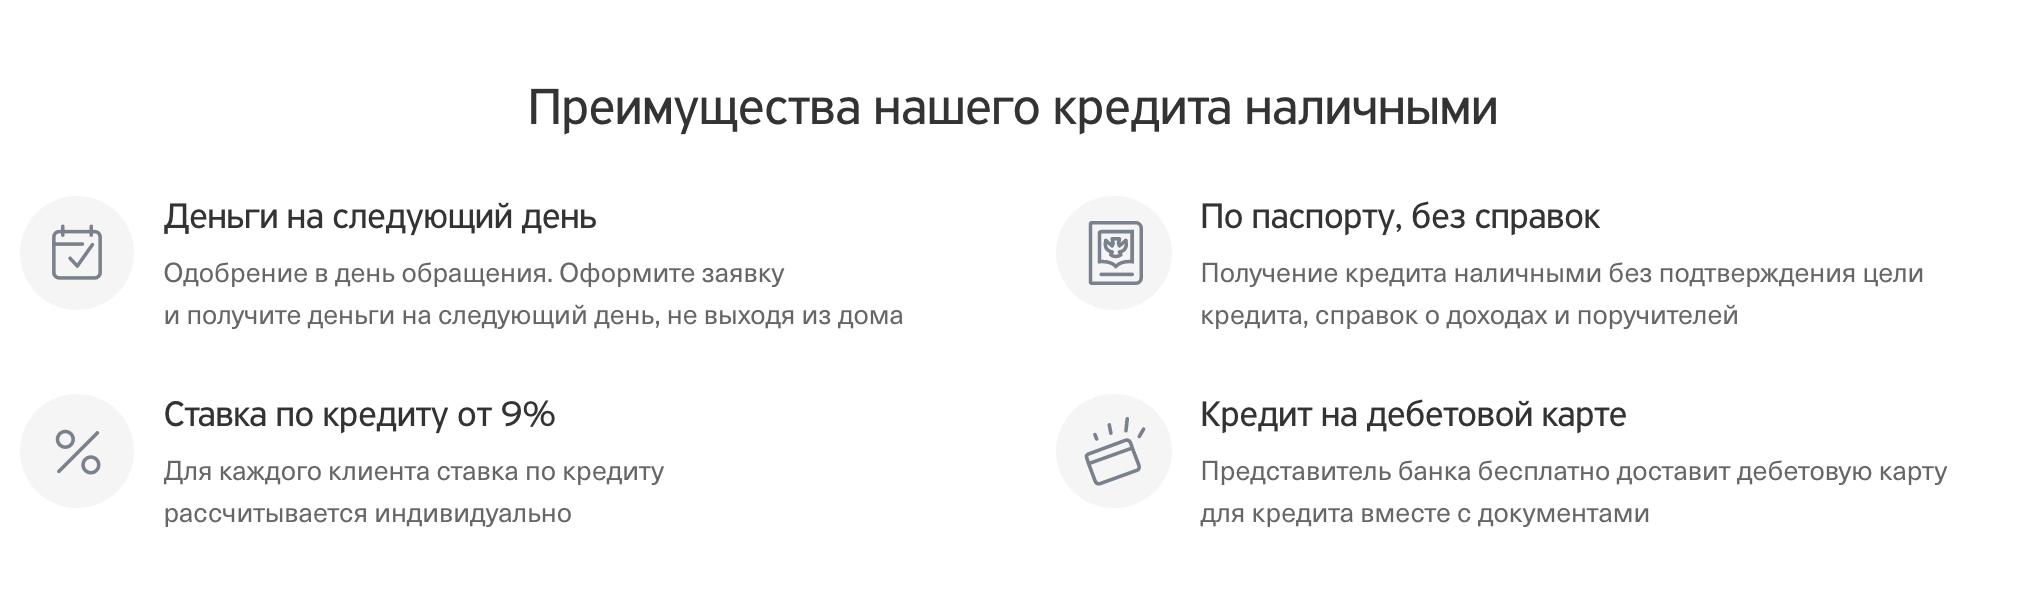 Андрей картавцев все песни 2020 скачать